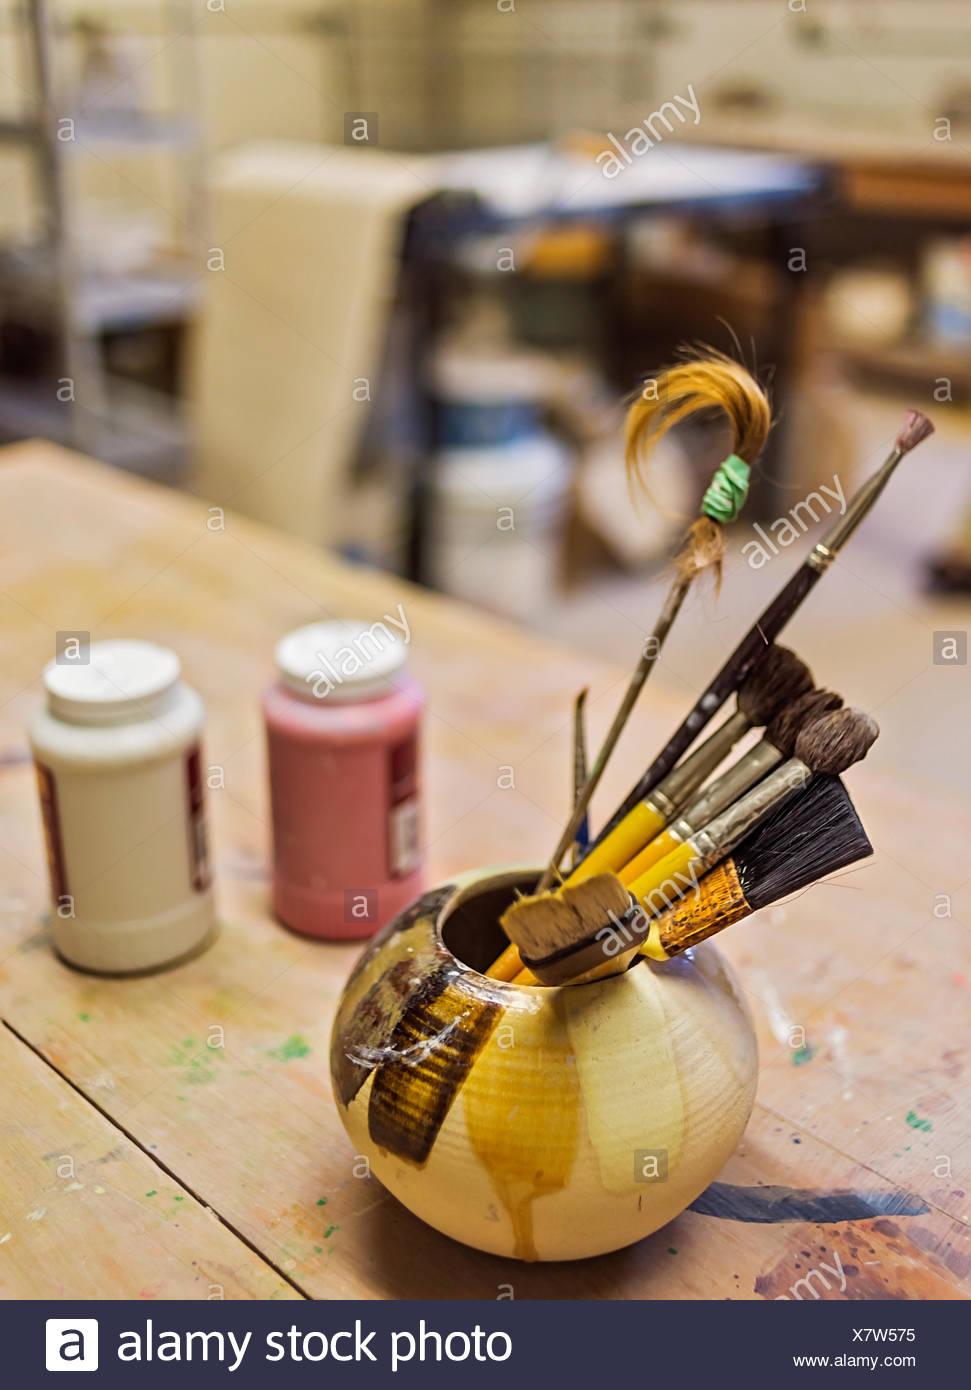 Brushes in bowl in art studio Stock Photo